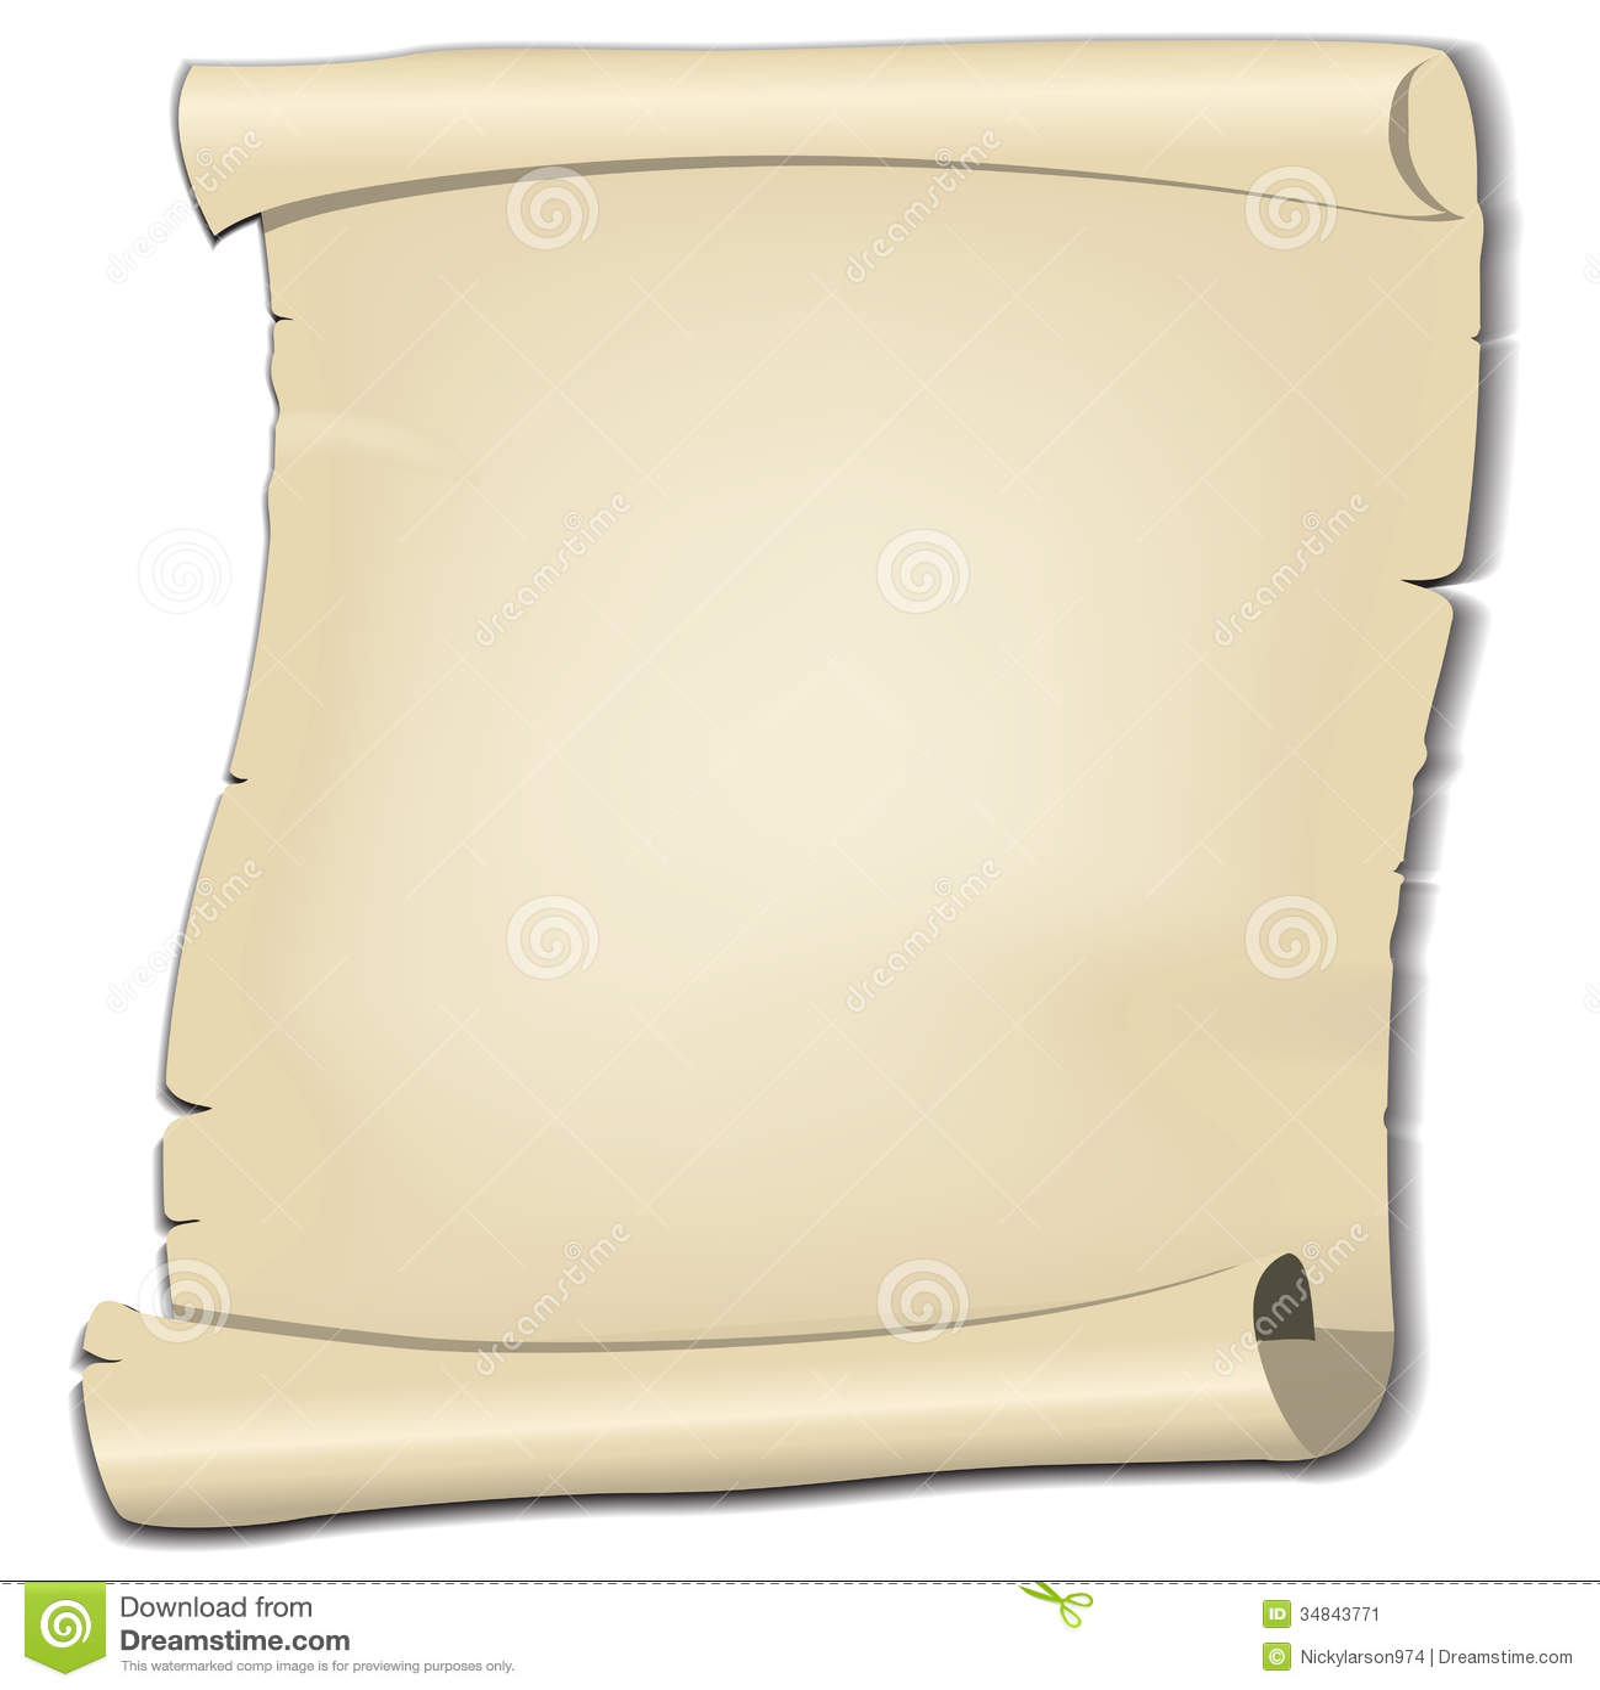 Parchment Stock Image - Image: 34843771